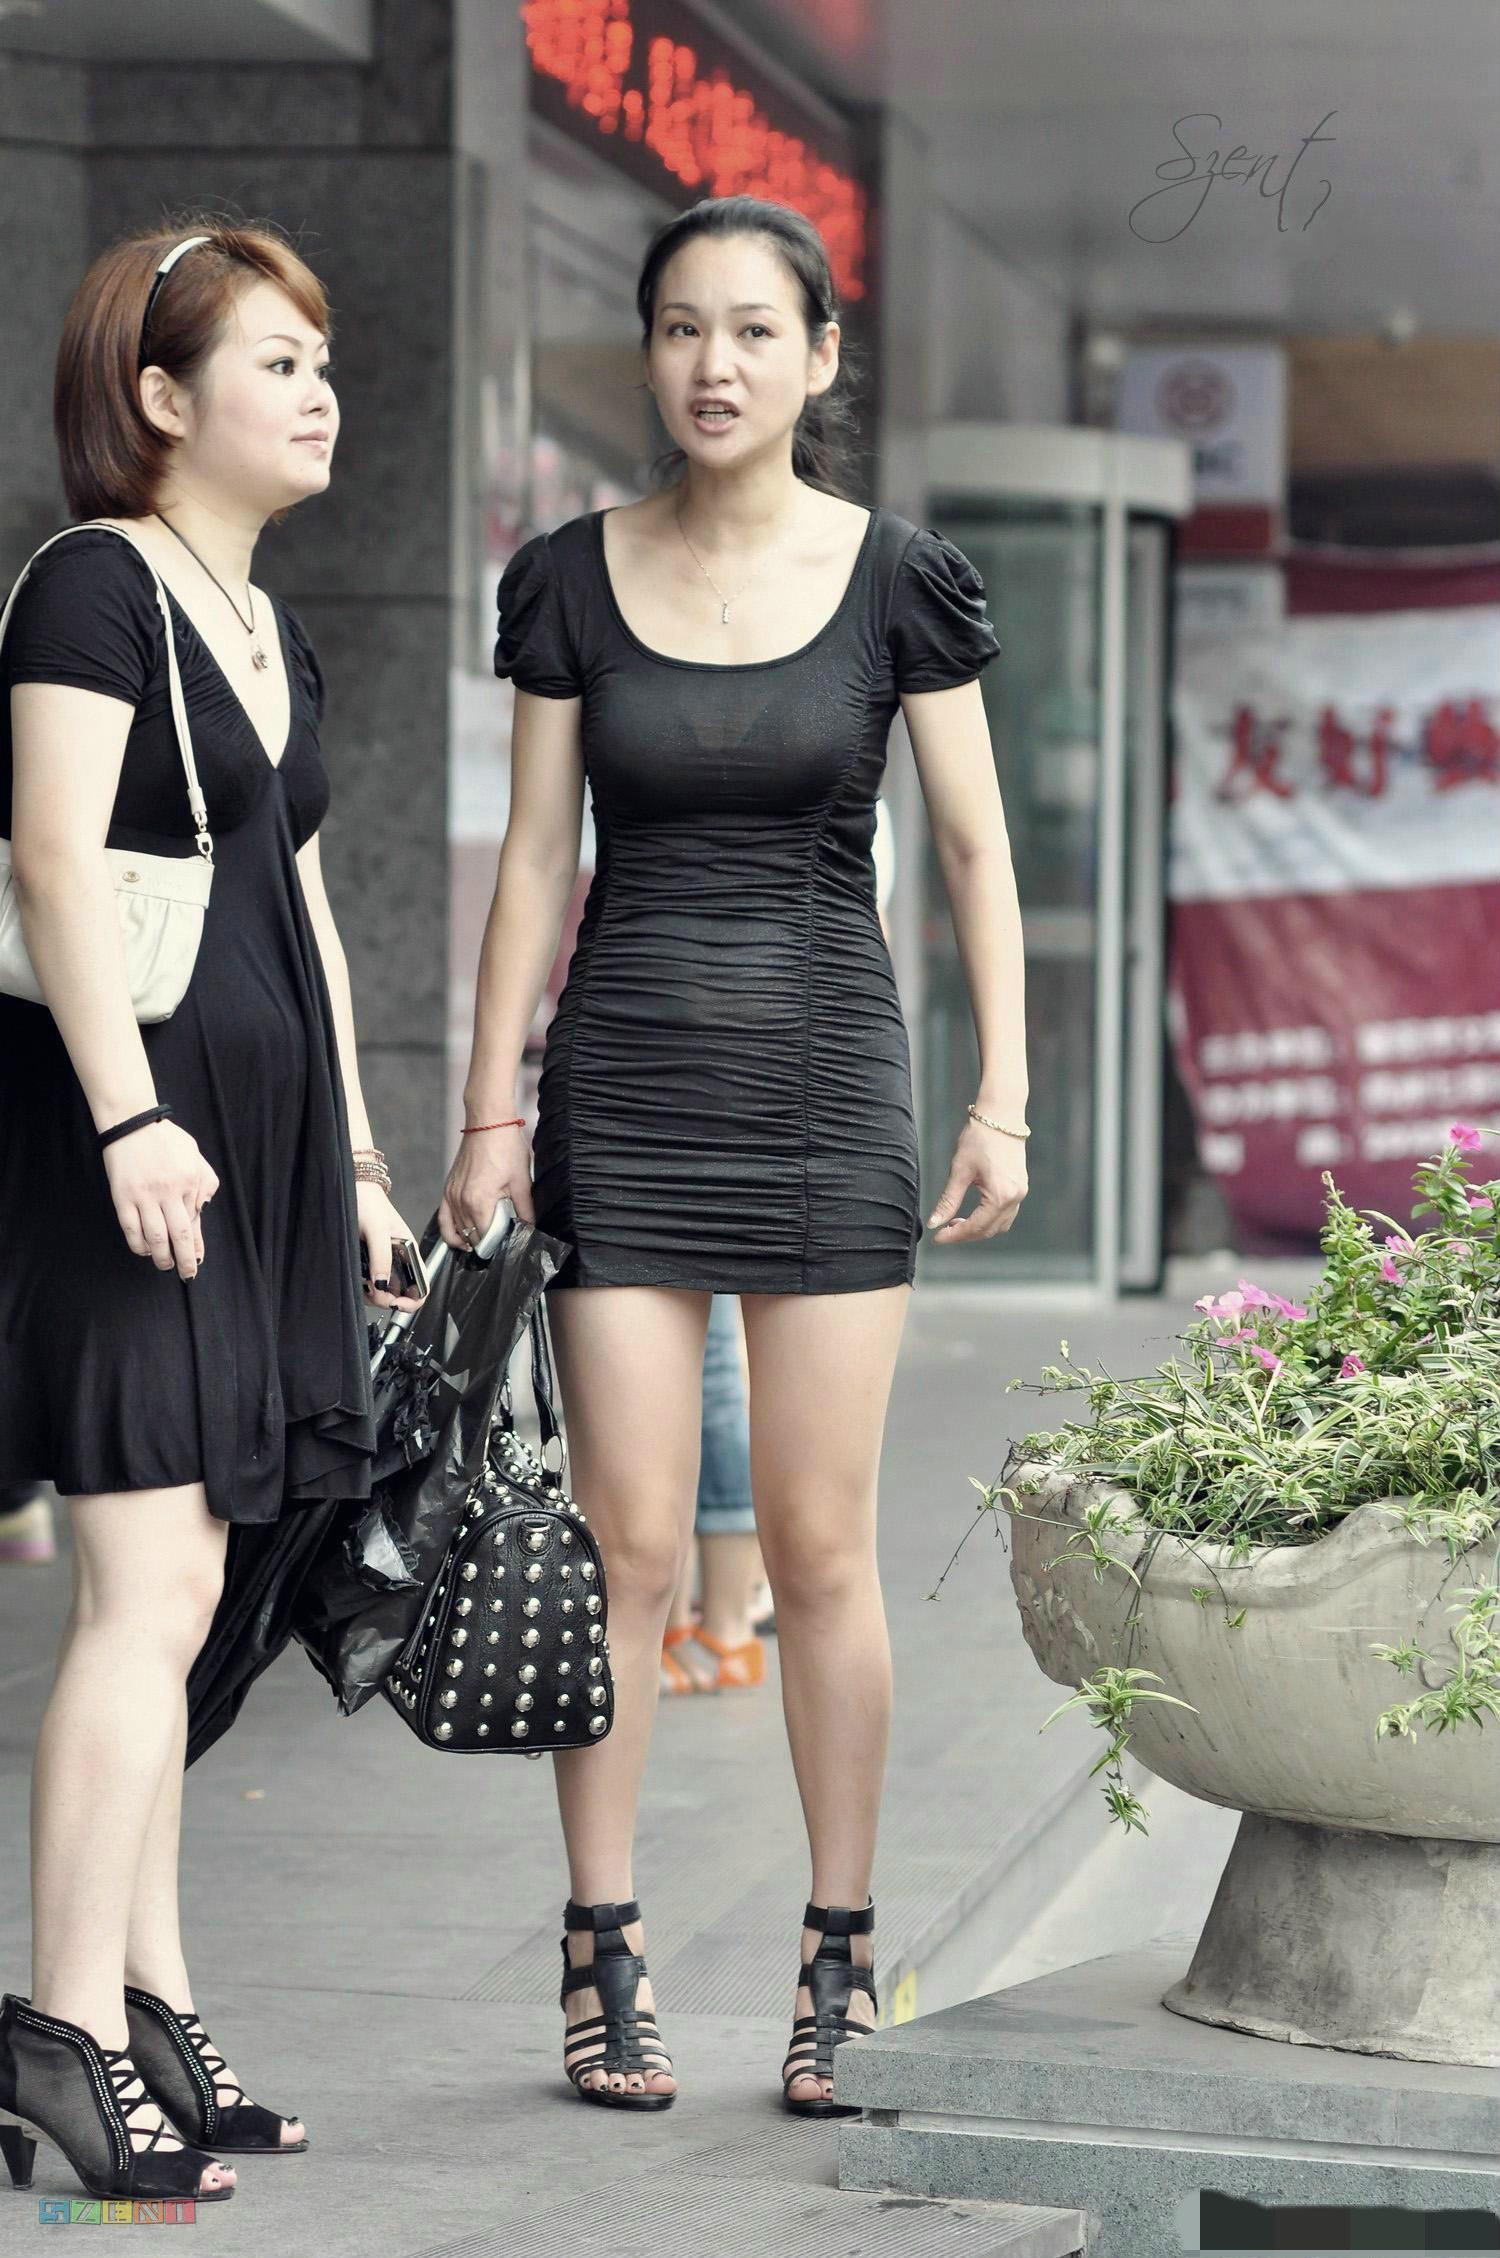 b小短裙街拍图片街拍包臀裙美女街拍包臀小短裙美女  竖